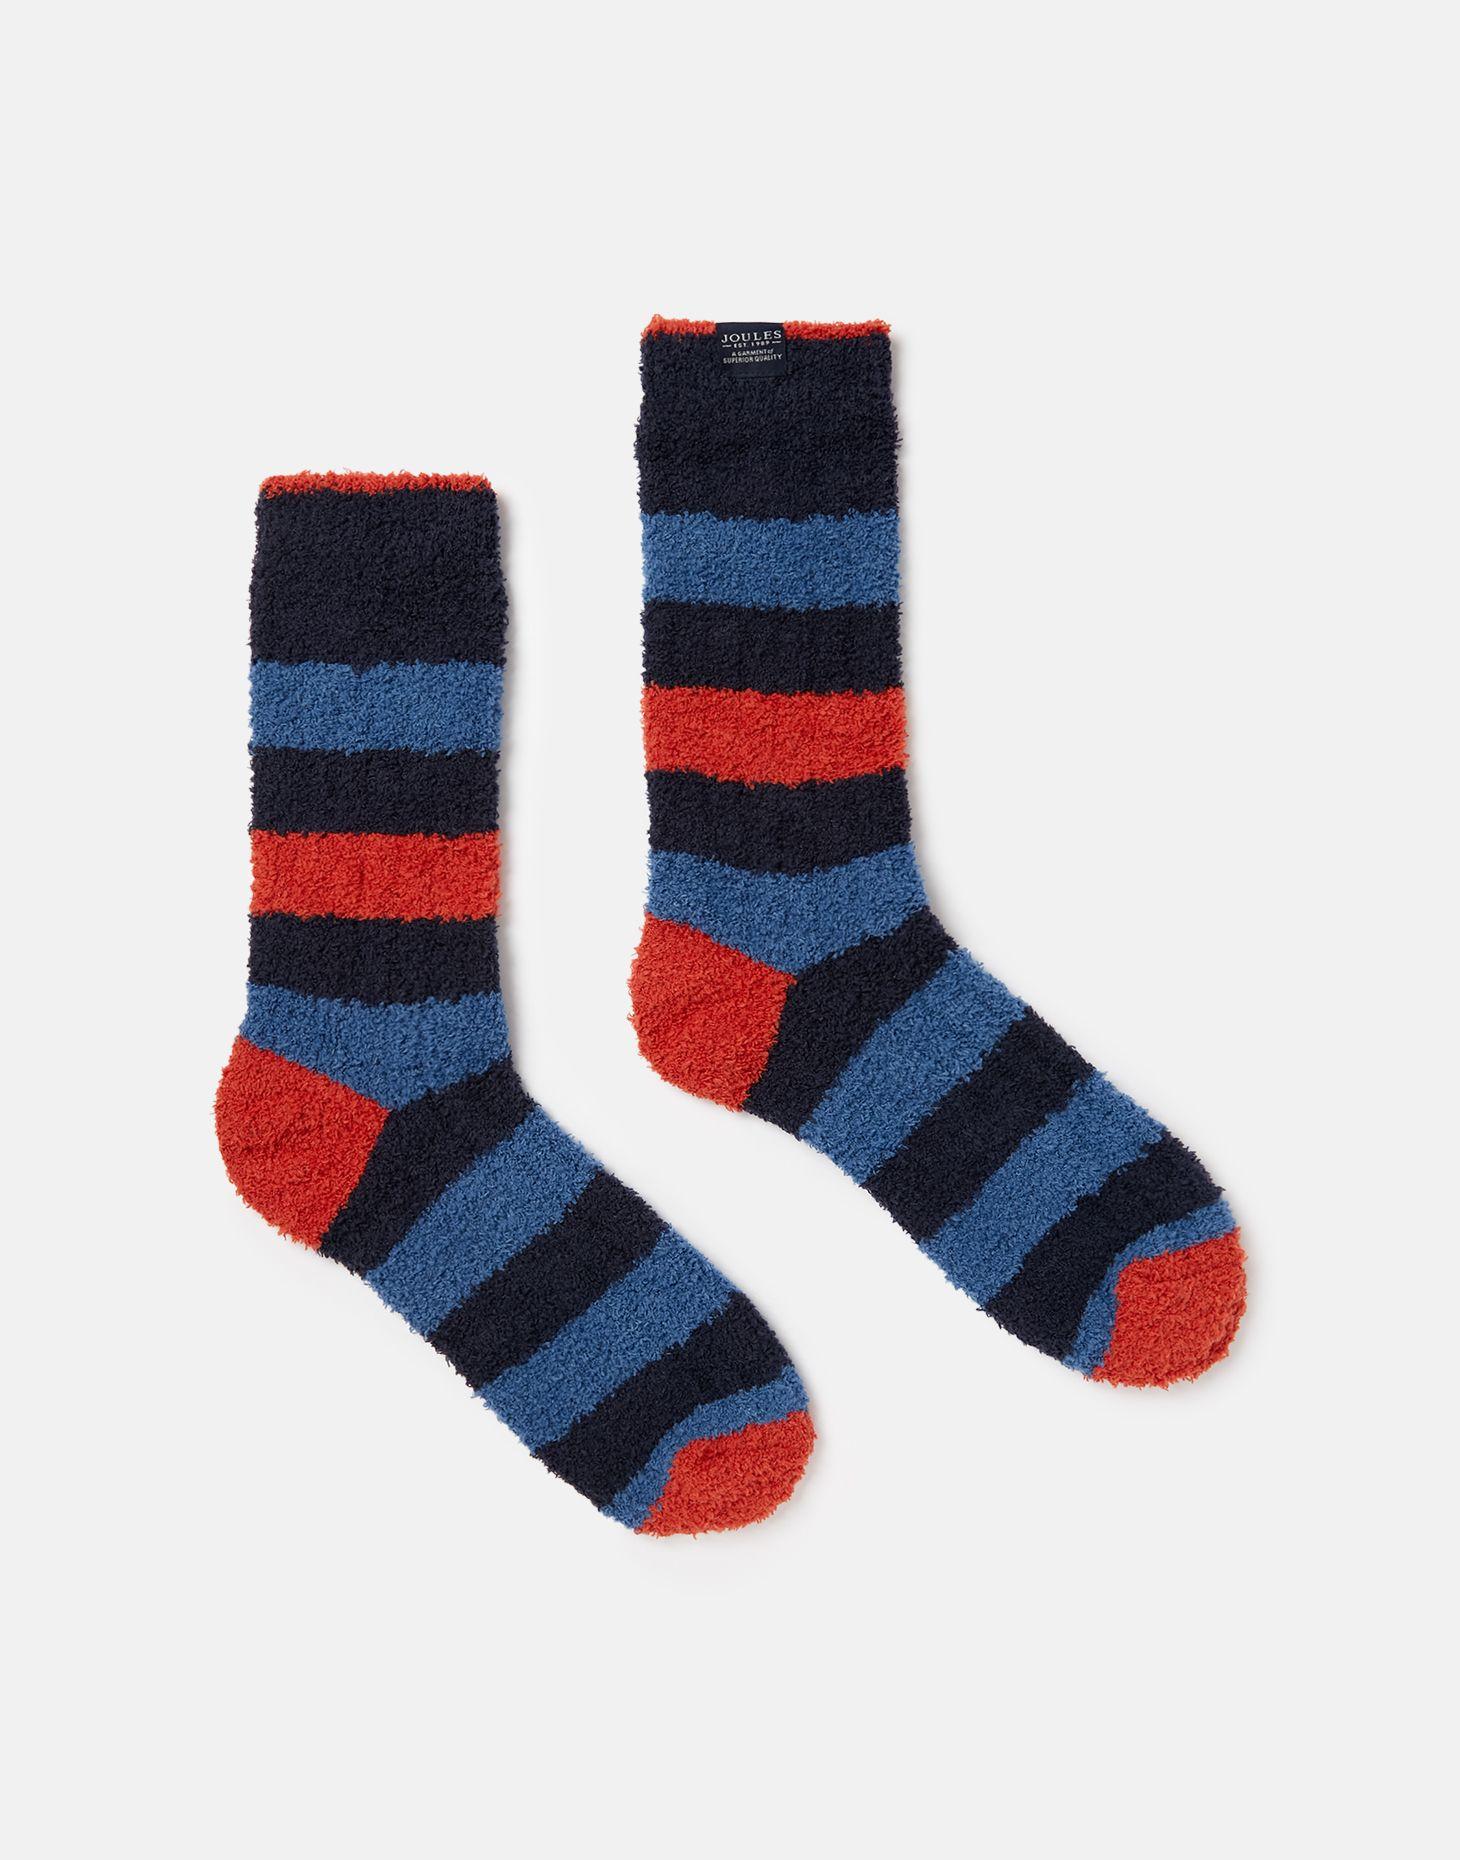 Socken Schuhe Mädchen Ausziehen Socken für